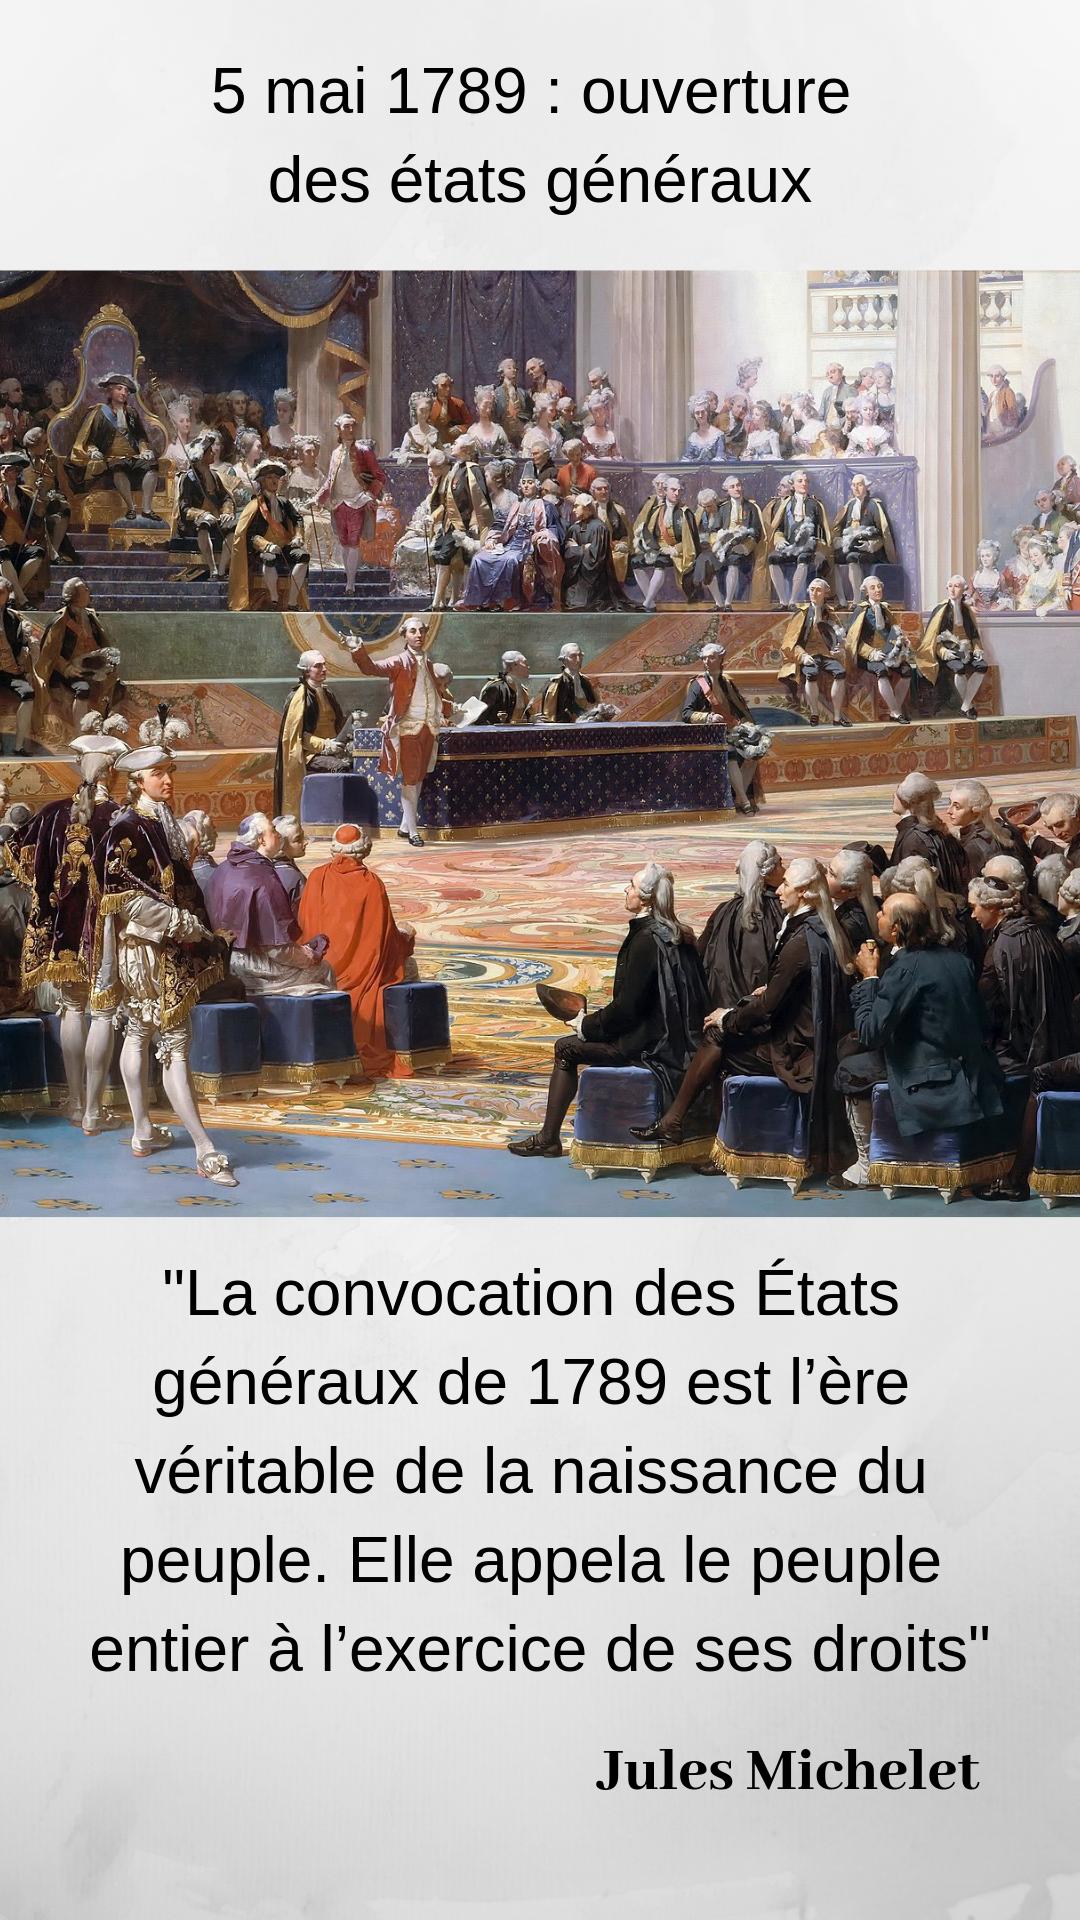 5 Mai 1789 Ouverture Des Etats Generaux Ancien Regime Tiers Etat Revolution Francaise